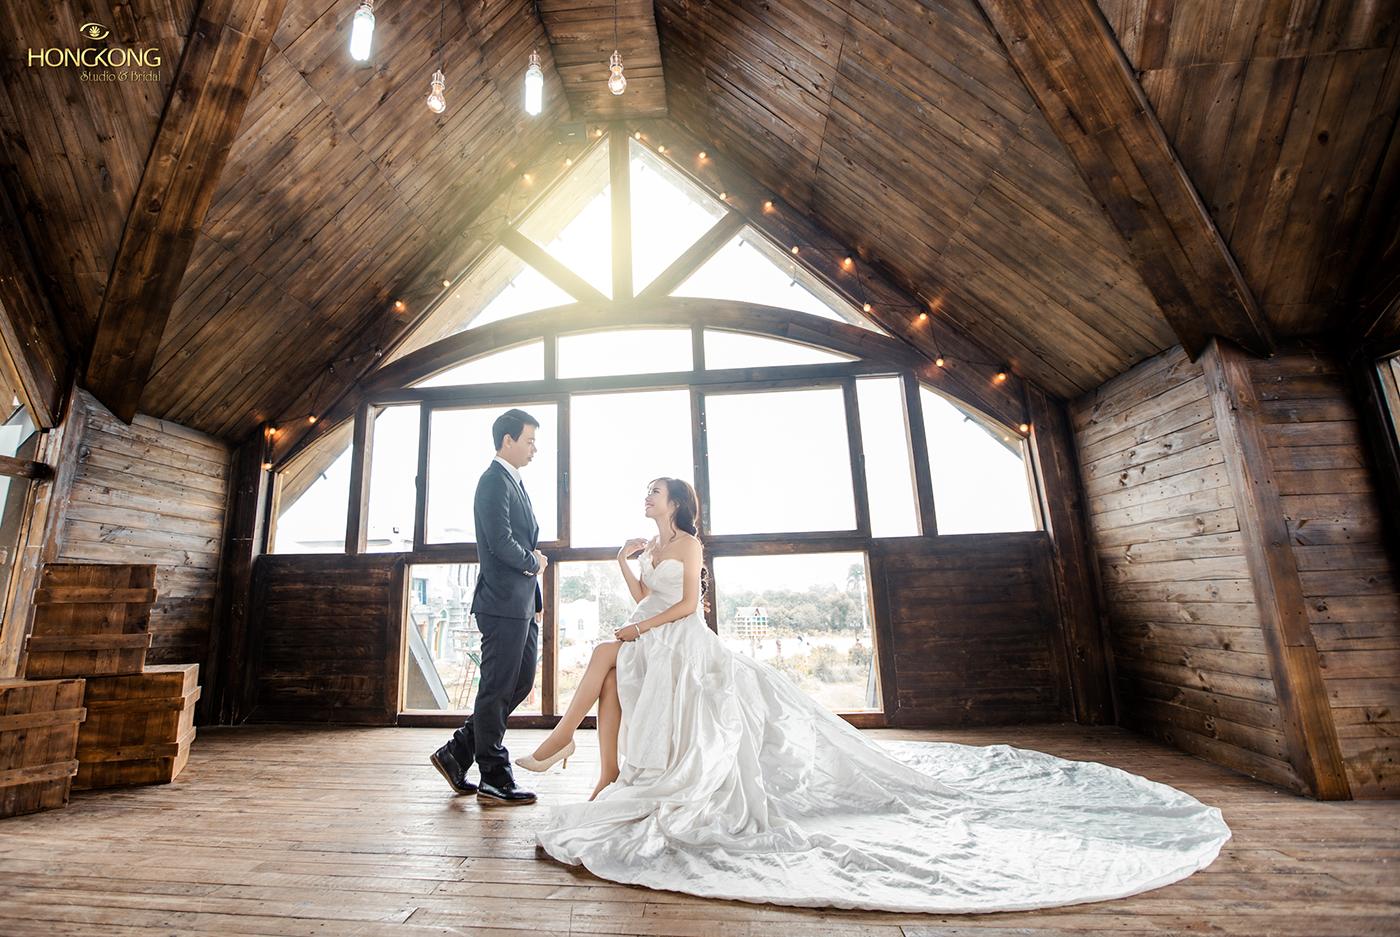 Chụp ảnh cưới tại Trill Rooftop Cafe